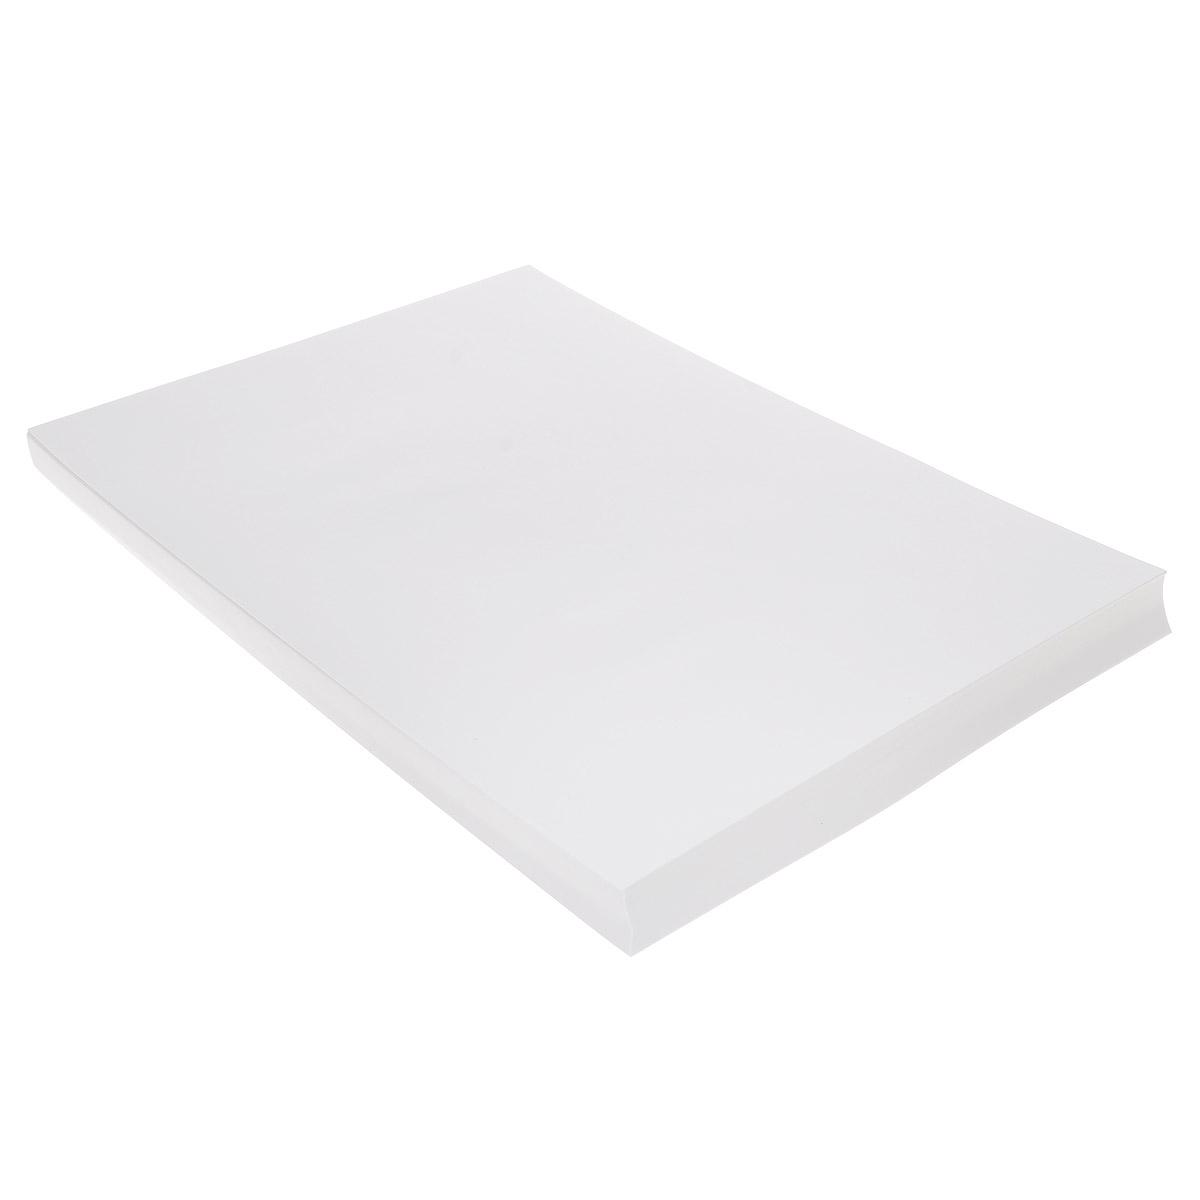 Бумага для черчения Гознак, 100 листов, формат А3. БЧ-0590БЧ-0590Бумага для черчения марки А Гознак предназначена для чертежно-графических работ. Нарезанные листы. Упакована в крафт-бумагу.